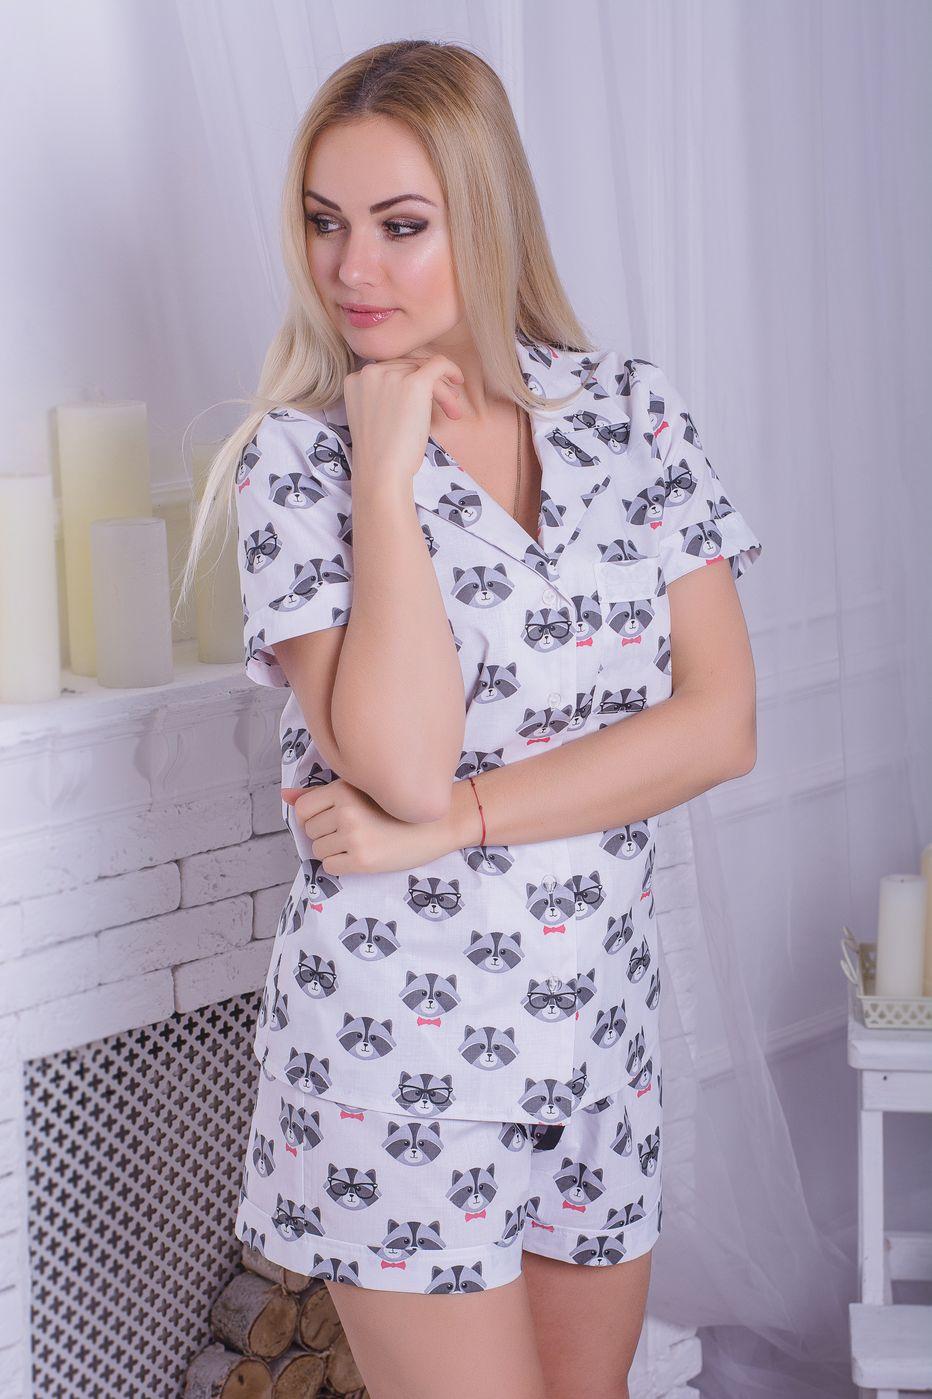 Хлопковая пижама MiaNaGreen П401 Еноты - купить в интернет-магазине ... d2629bc952b71